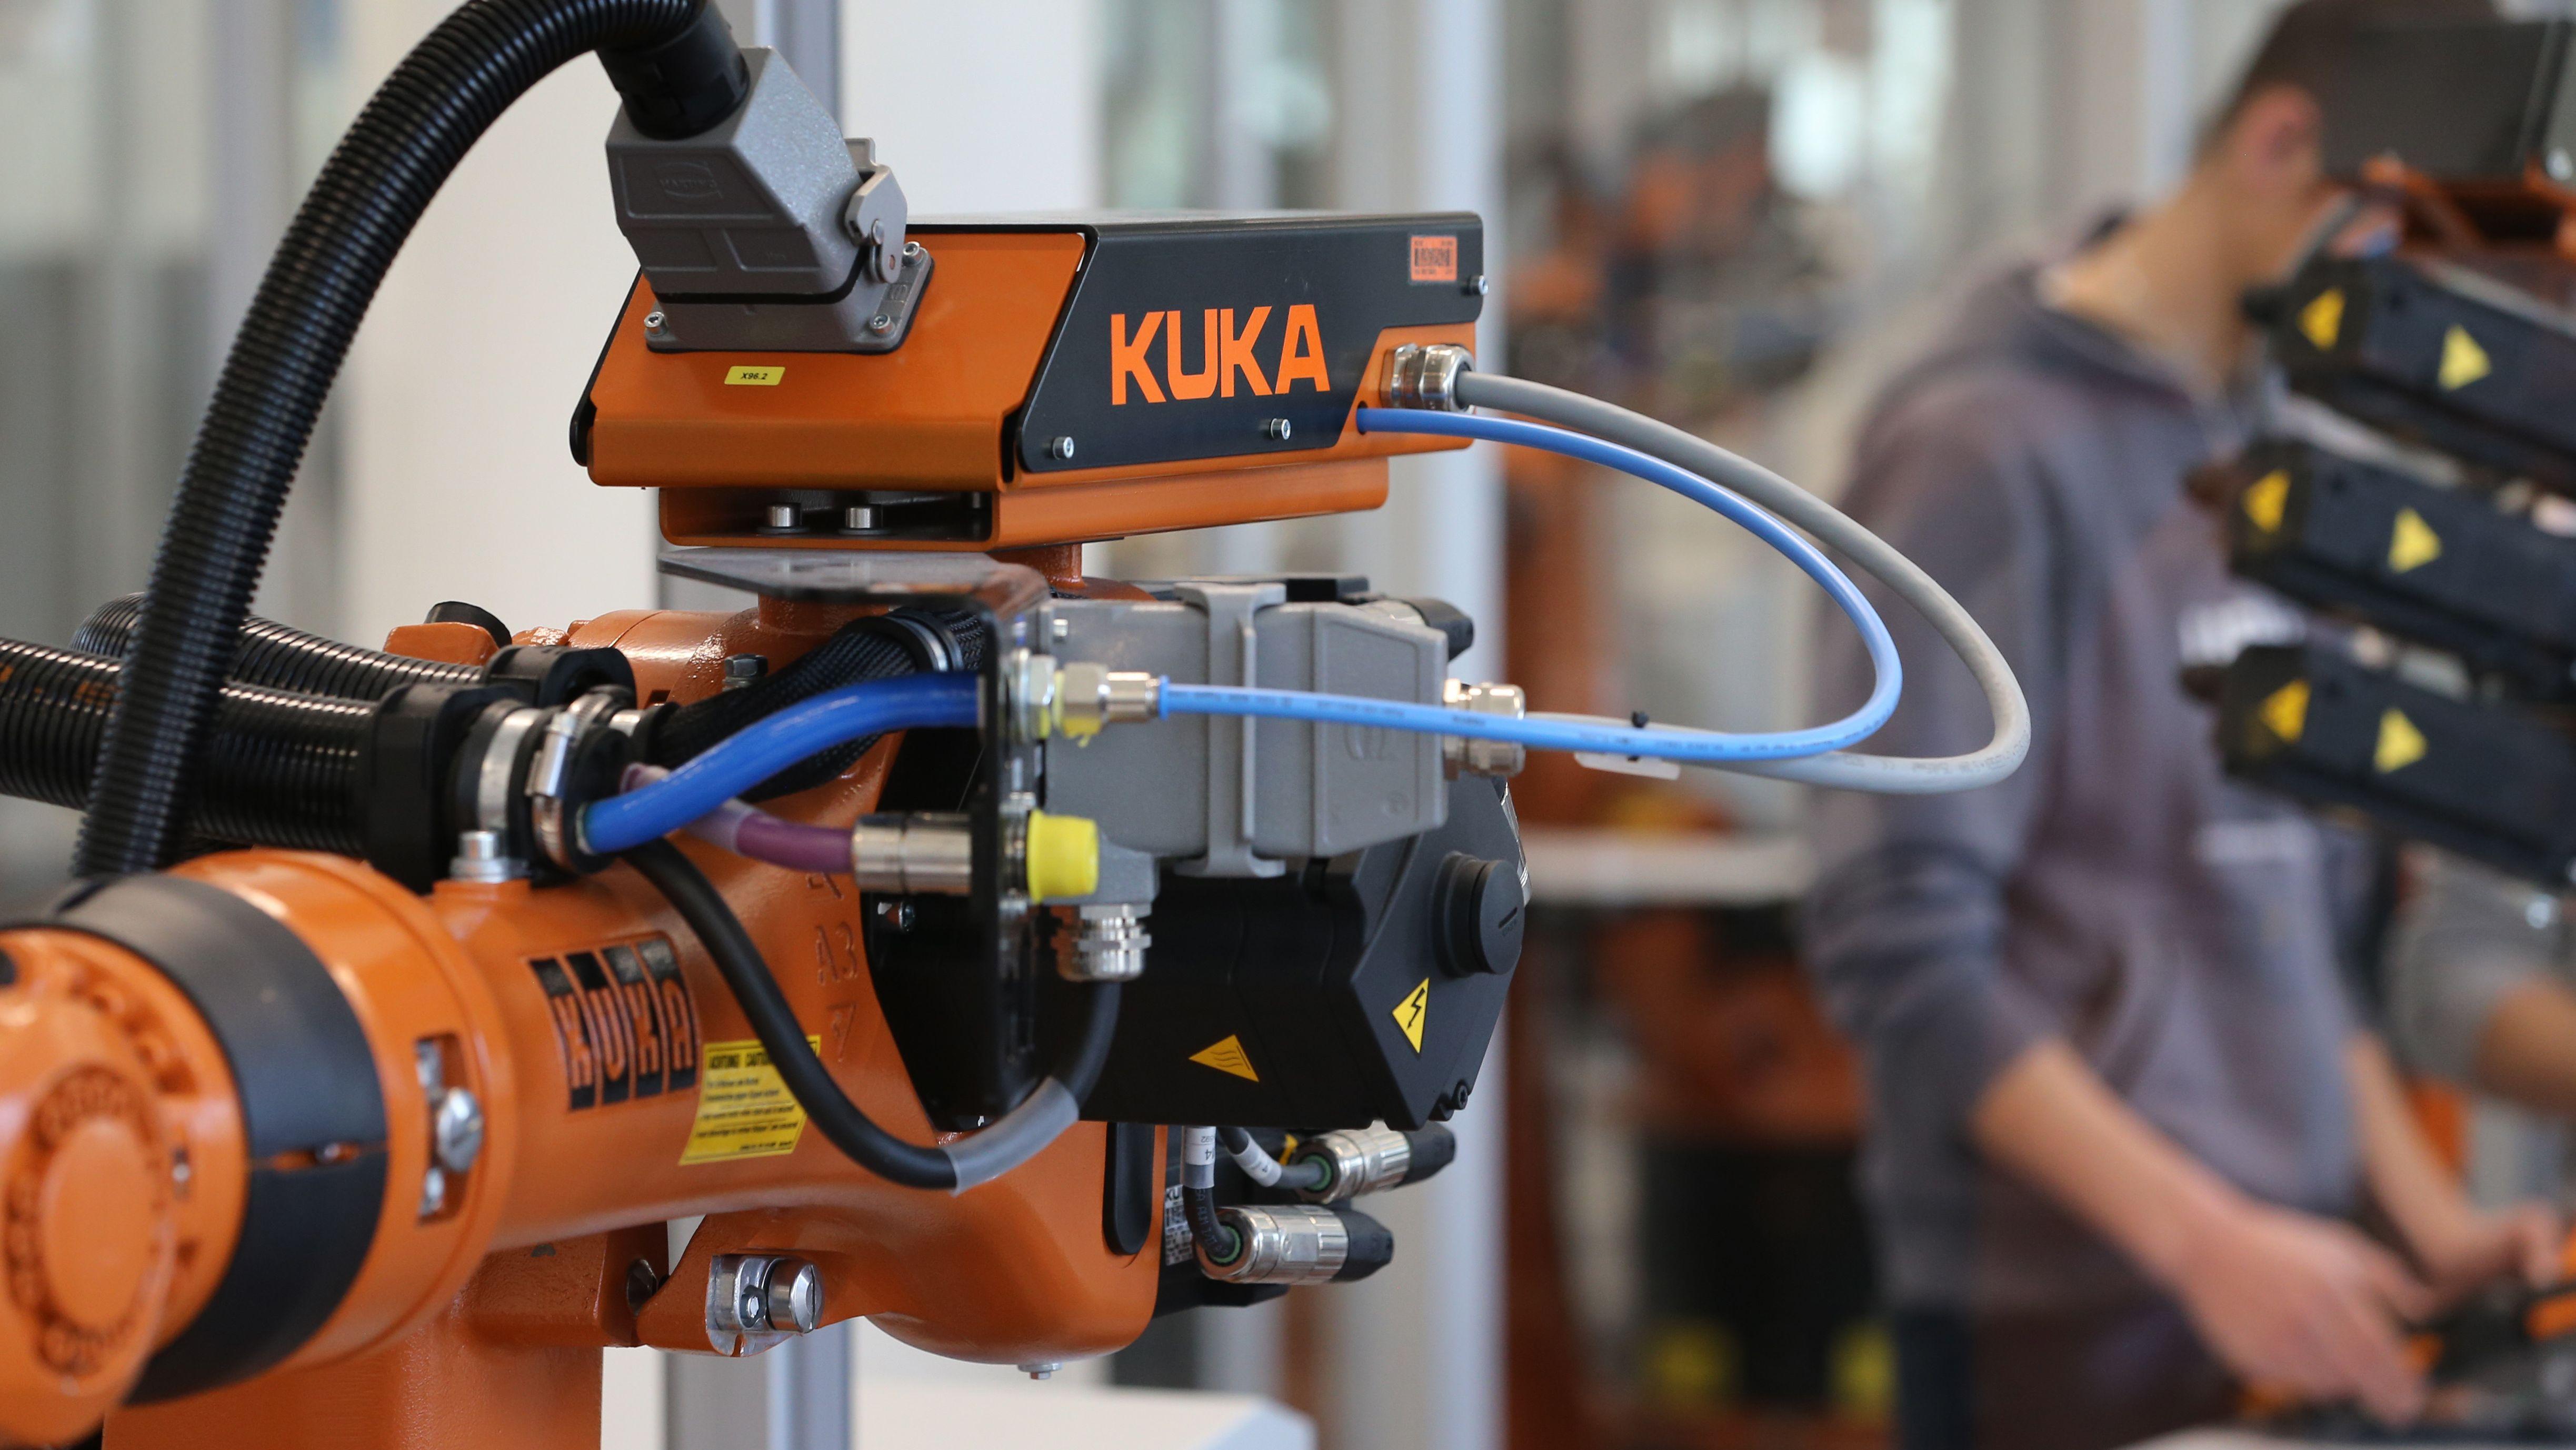 Kunden des Roboterbauers Kuka stehen im Kuka-College an einem Kuka-Roboter.